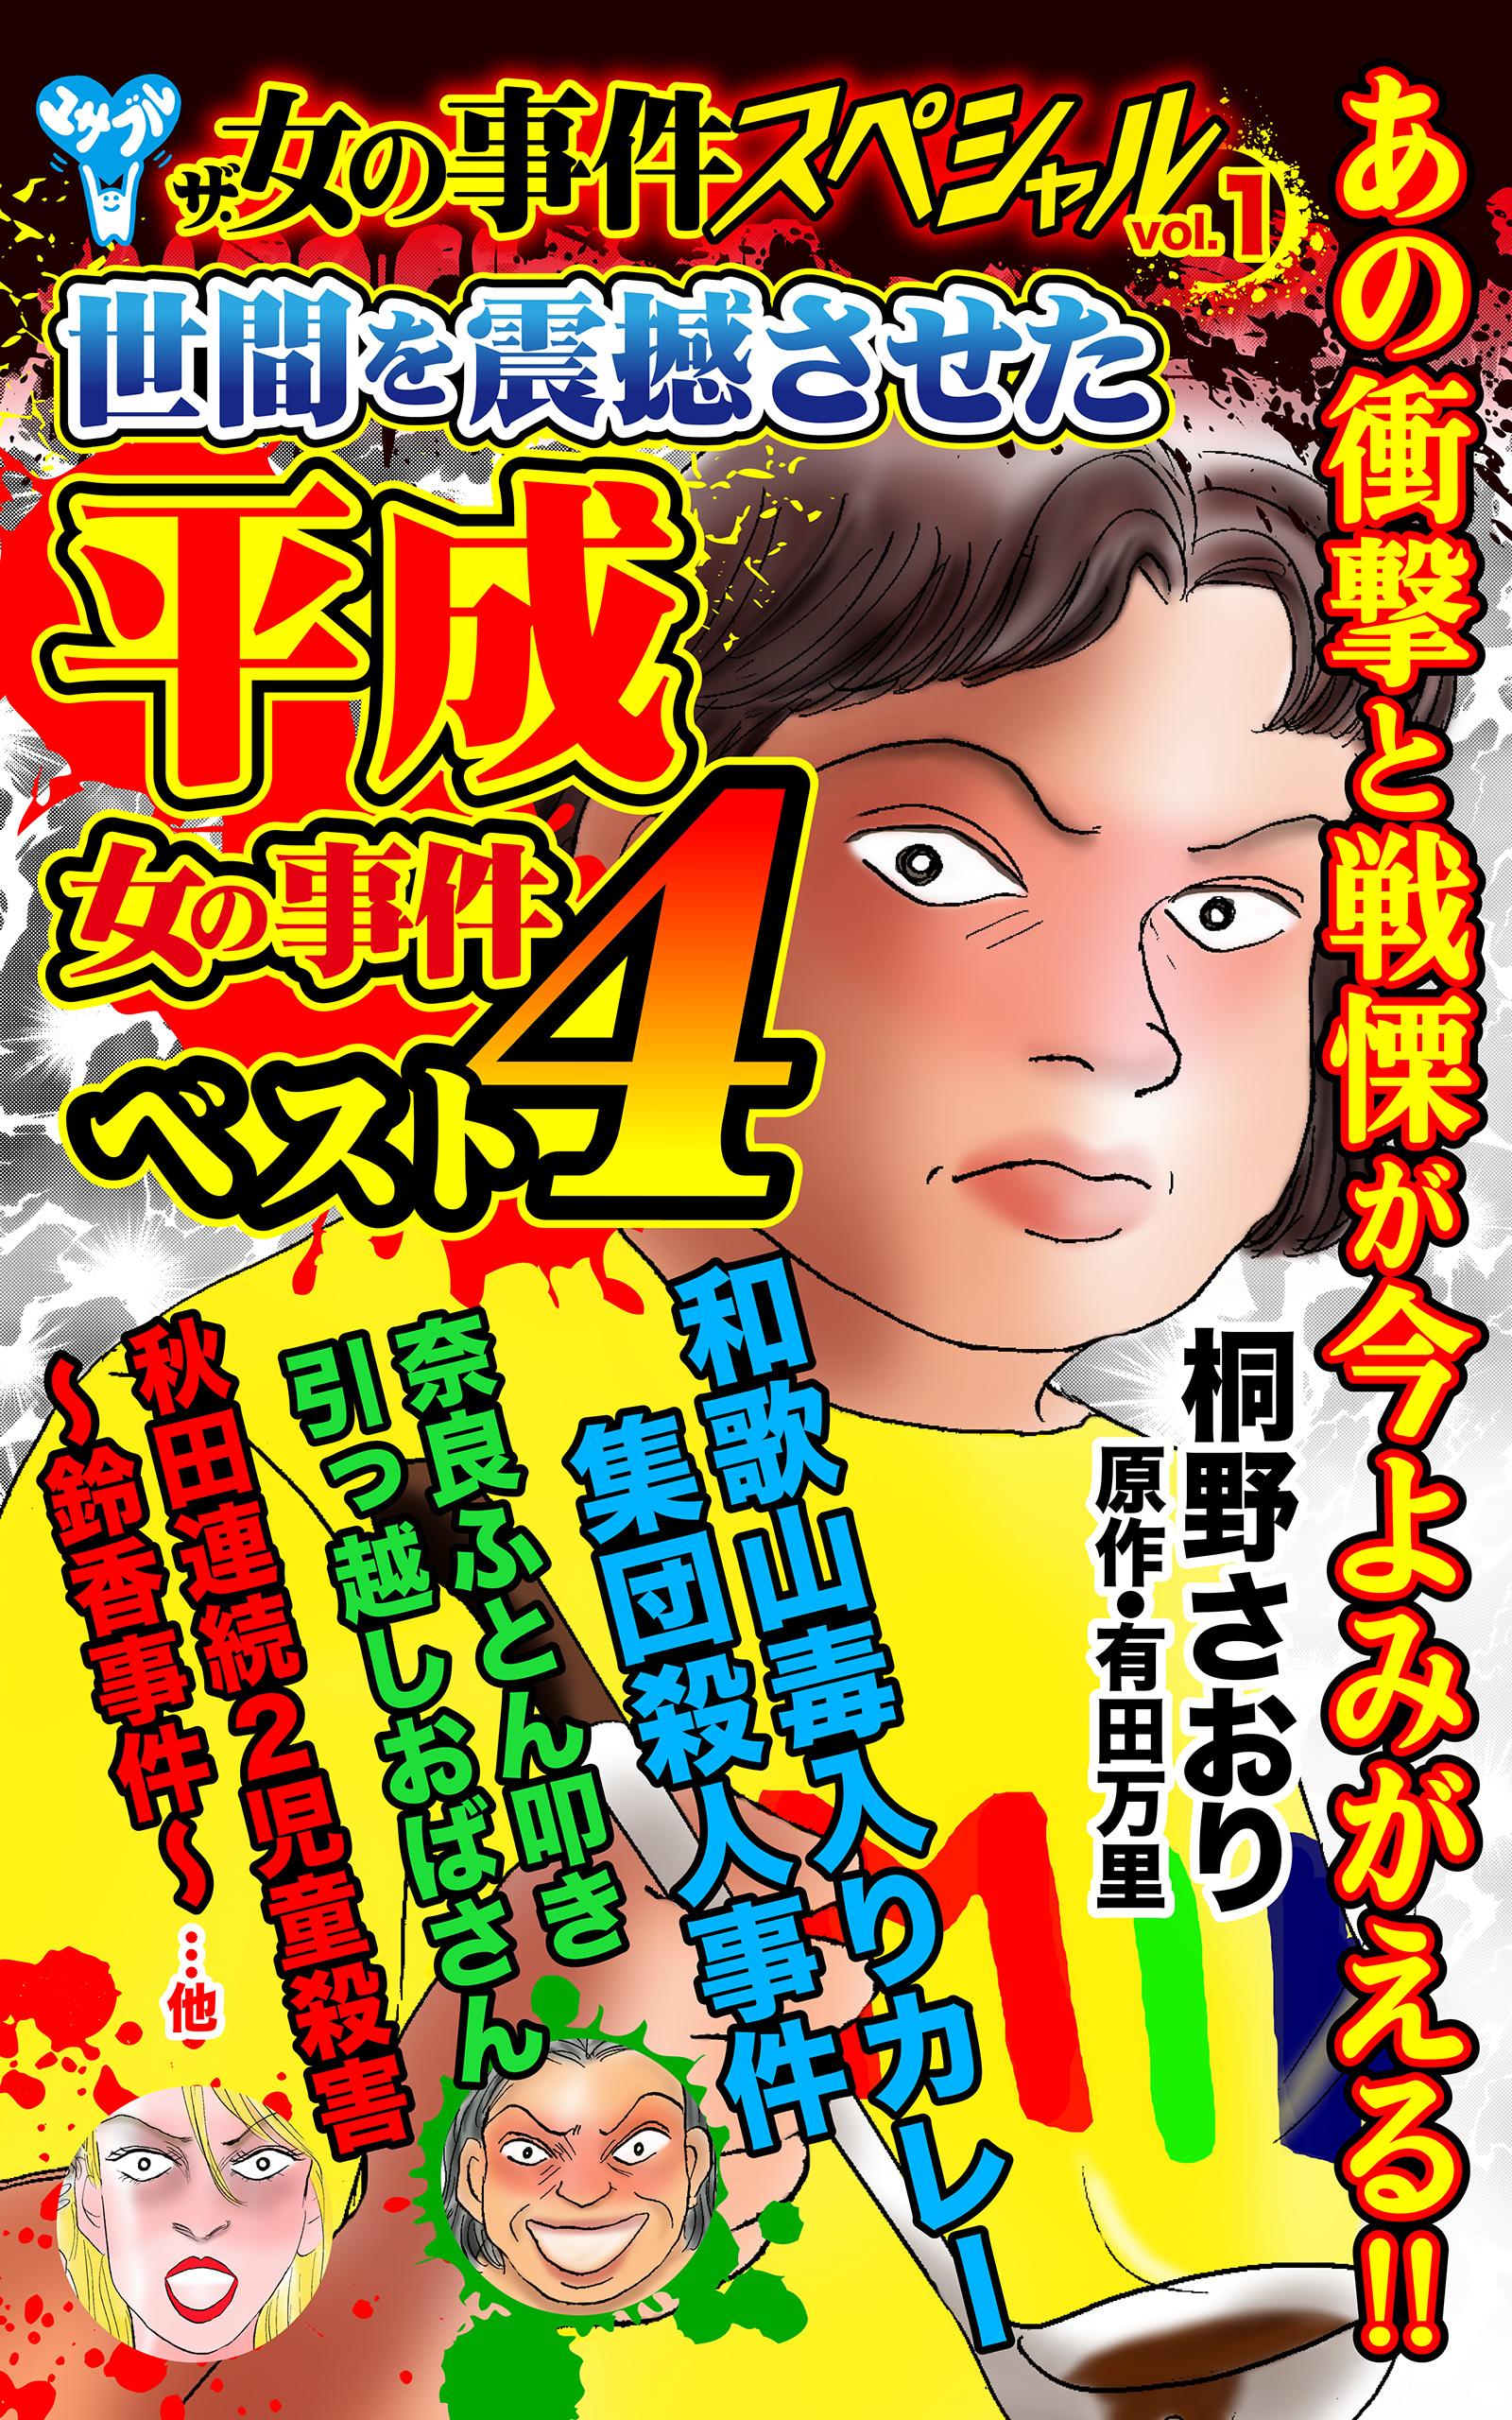 ザ・女の事件スペシャルVol.1(慟哭!!秋田連続2児童殺害~鈴香事件~)